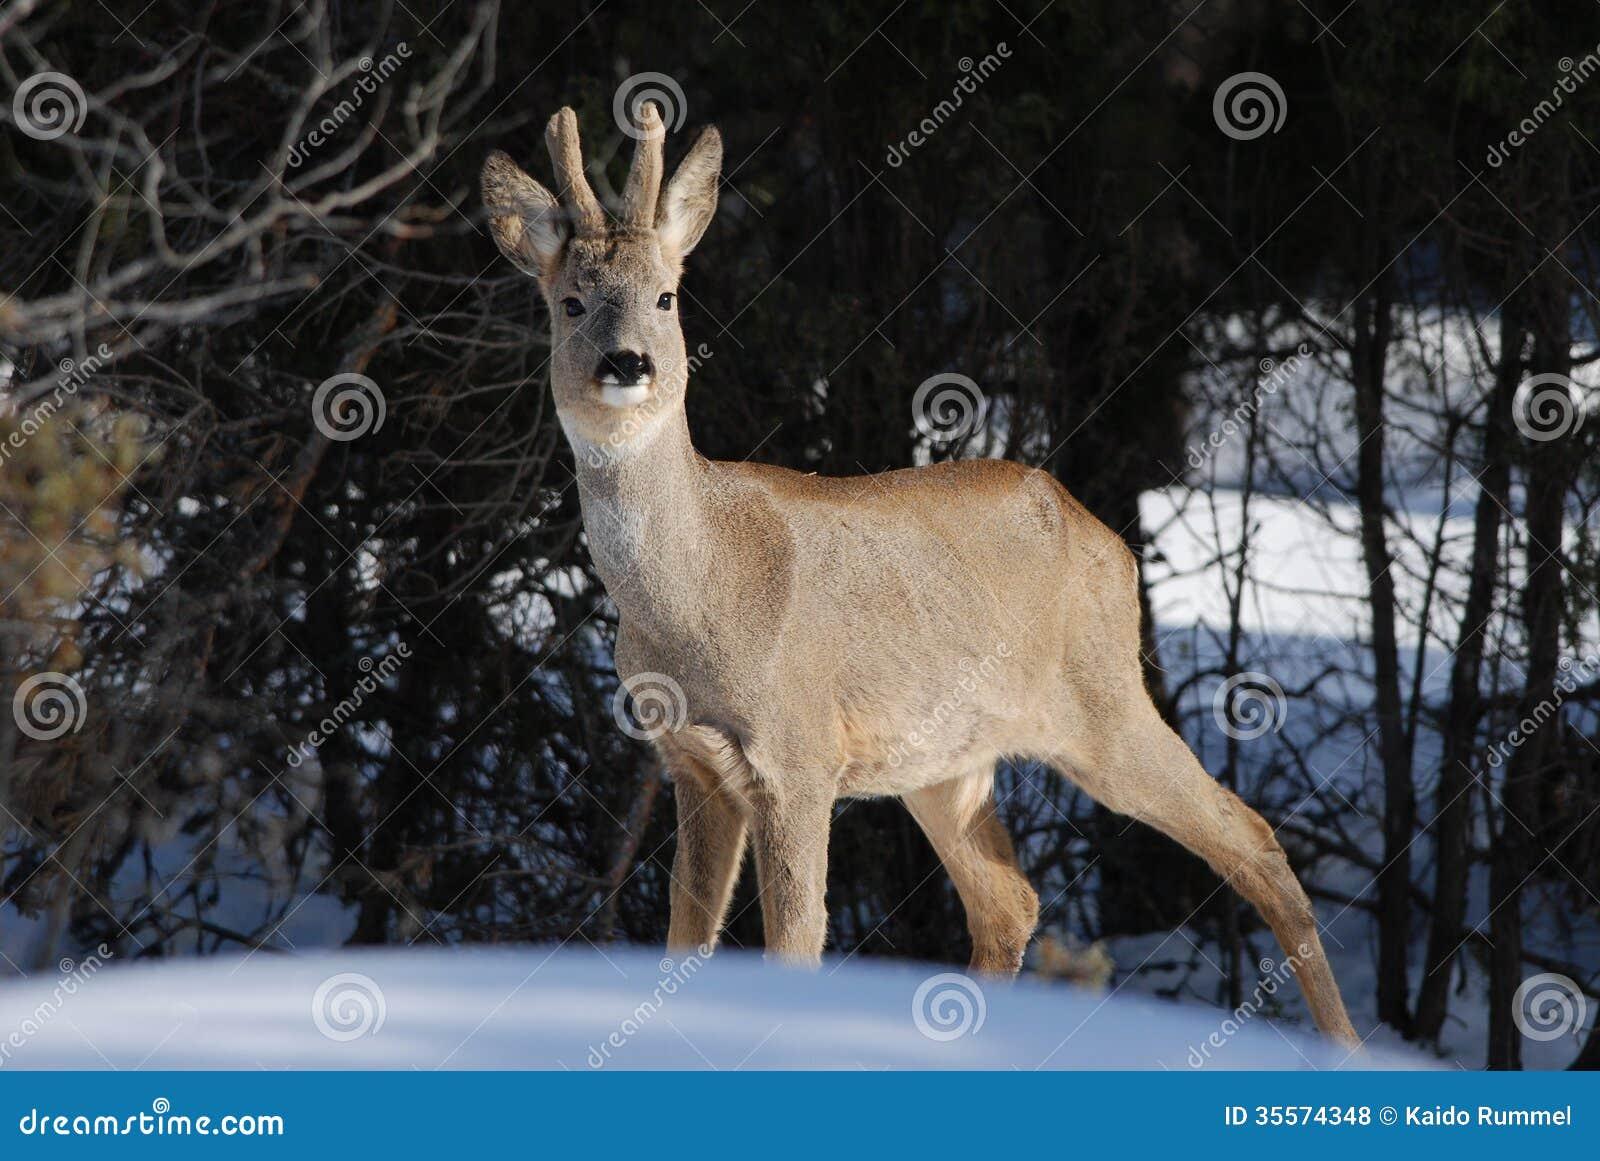 Одичалые олени косуль в зиме